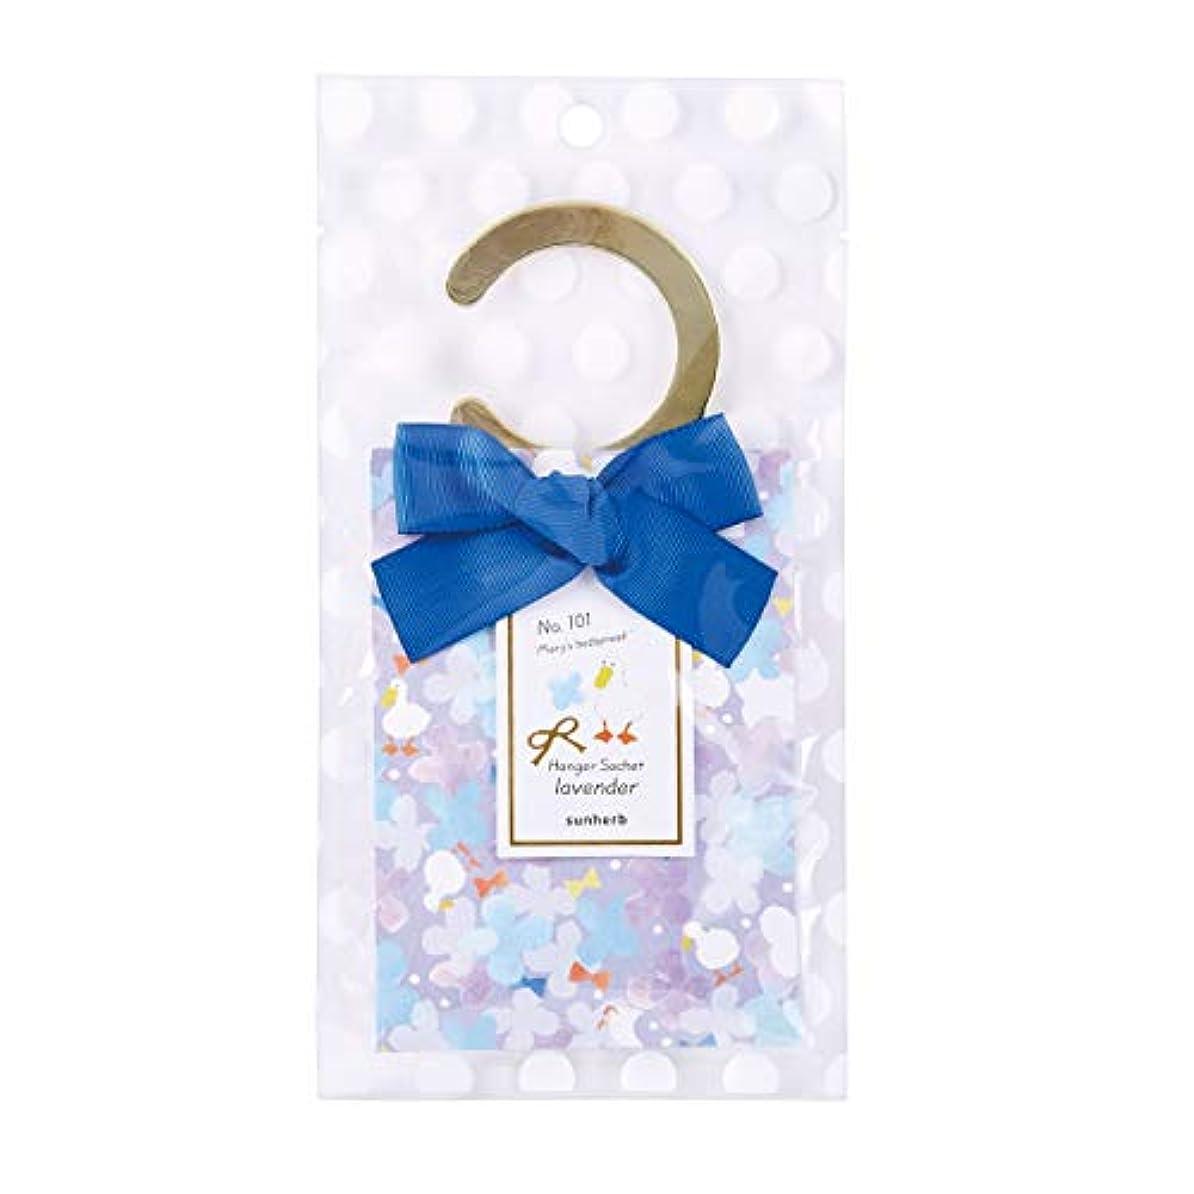 アクセスできない盗賊ロープサンハーブ ハンガーサシェ ラベンダーの香り (吊り下げ芳香剤 アヒルが描かれたラベンダー色のデザイン)